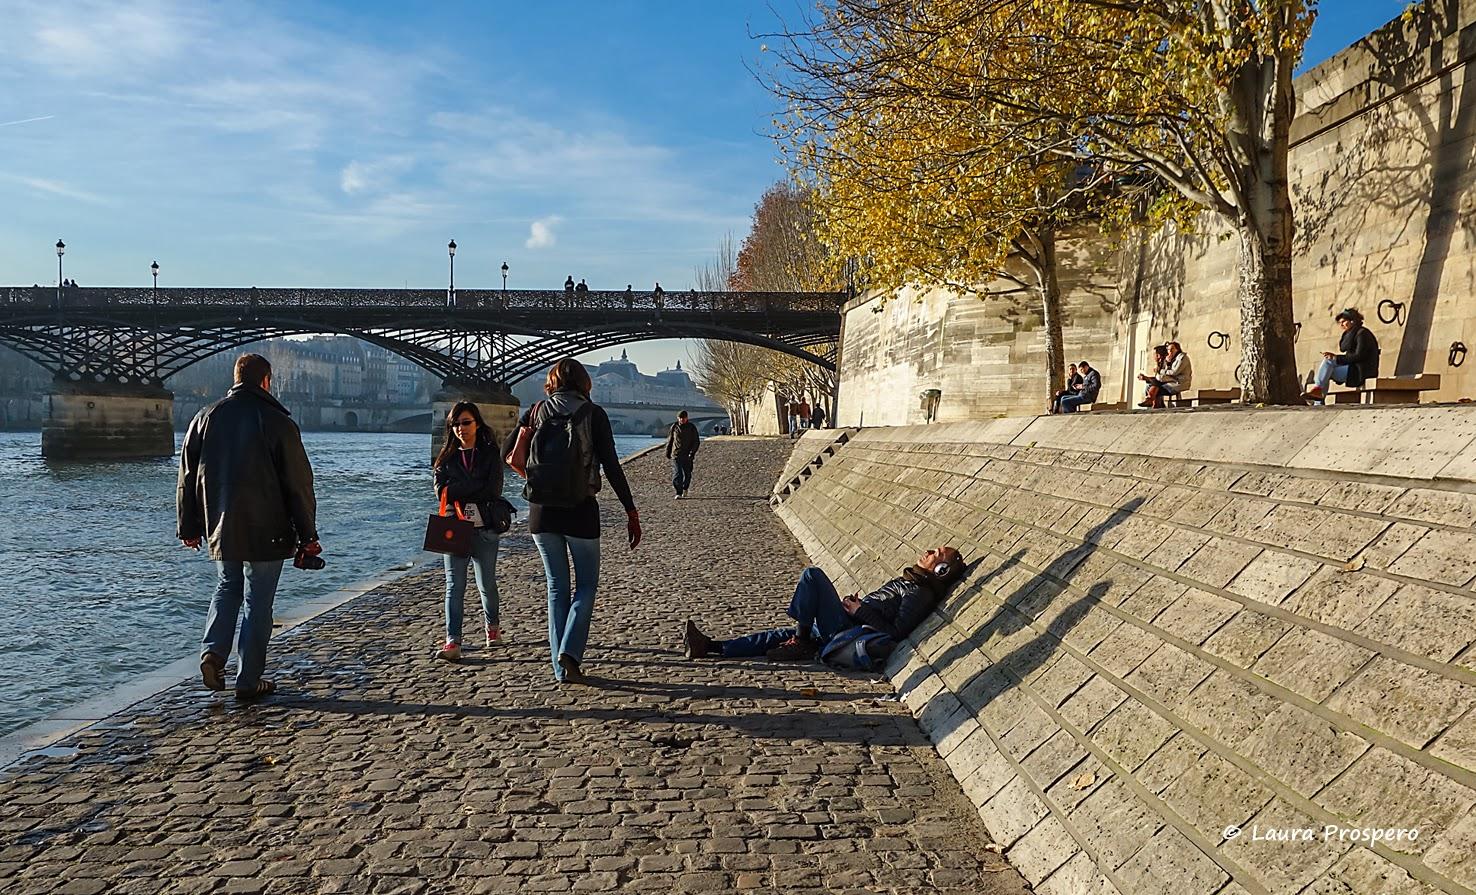 Cena de outono à beira do rio Sena, Paris © Laura Próspero